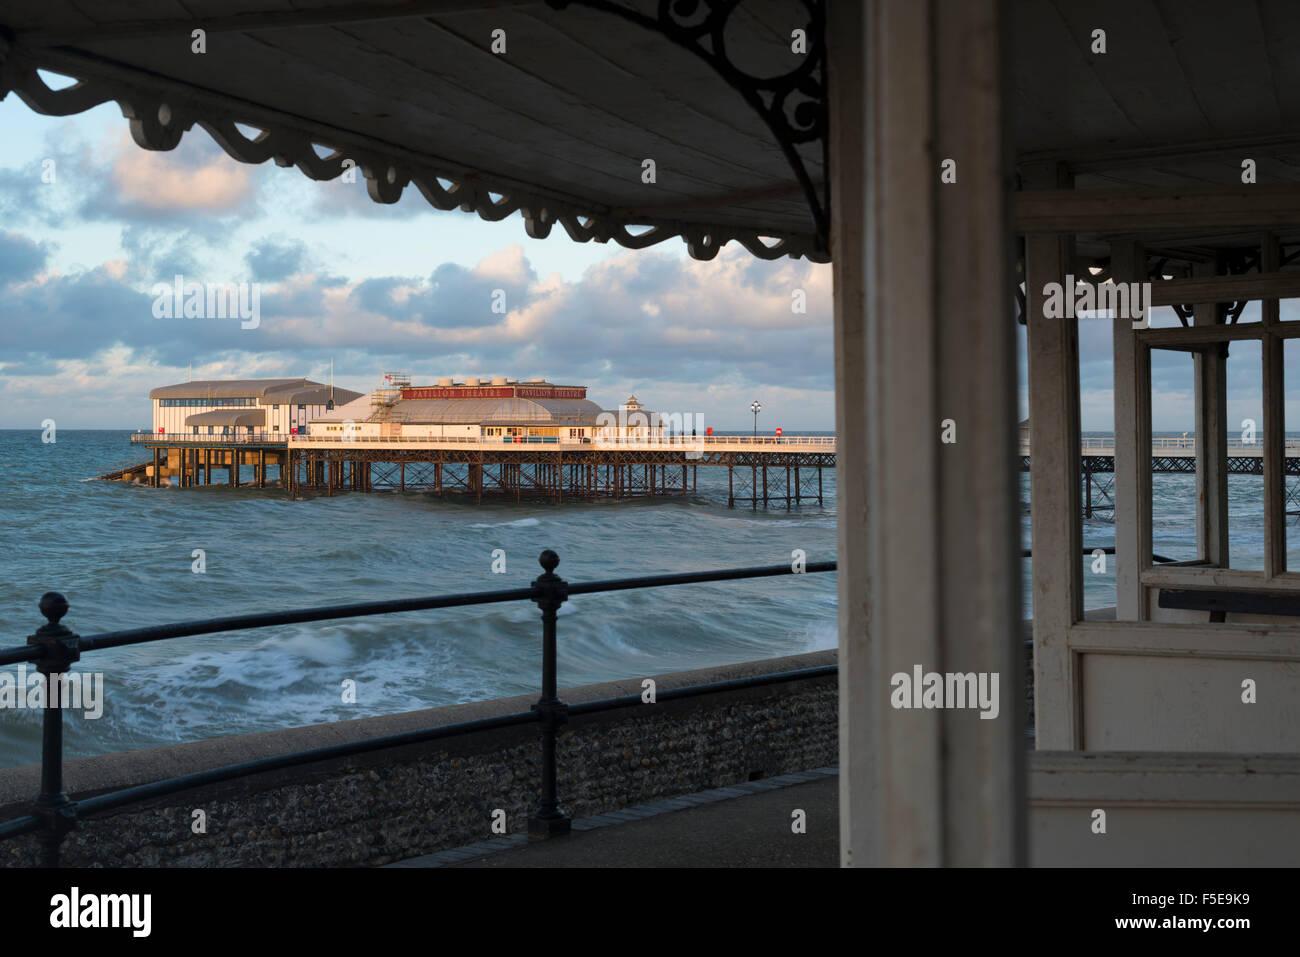 Une vue de la jetée de Cromer, Norfolk, Angleterre, Royaume-Uni, Europe Photo Stock